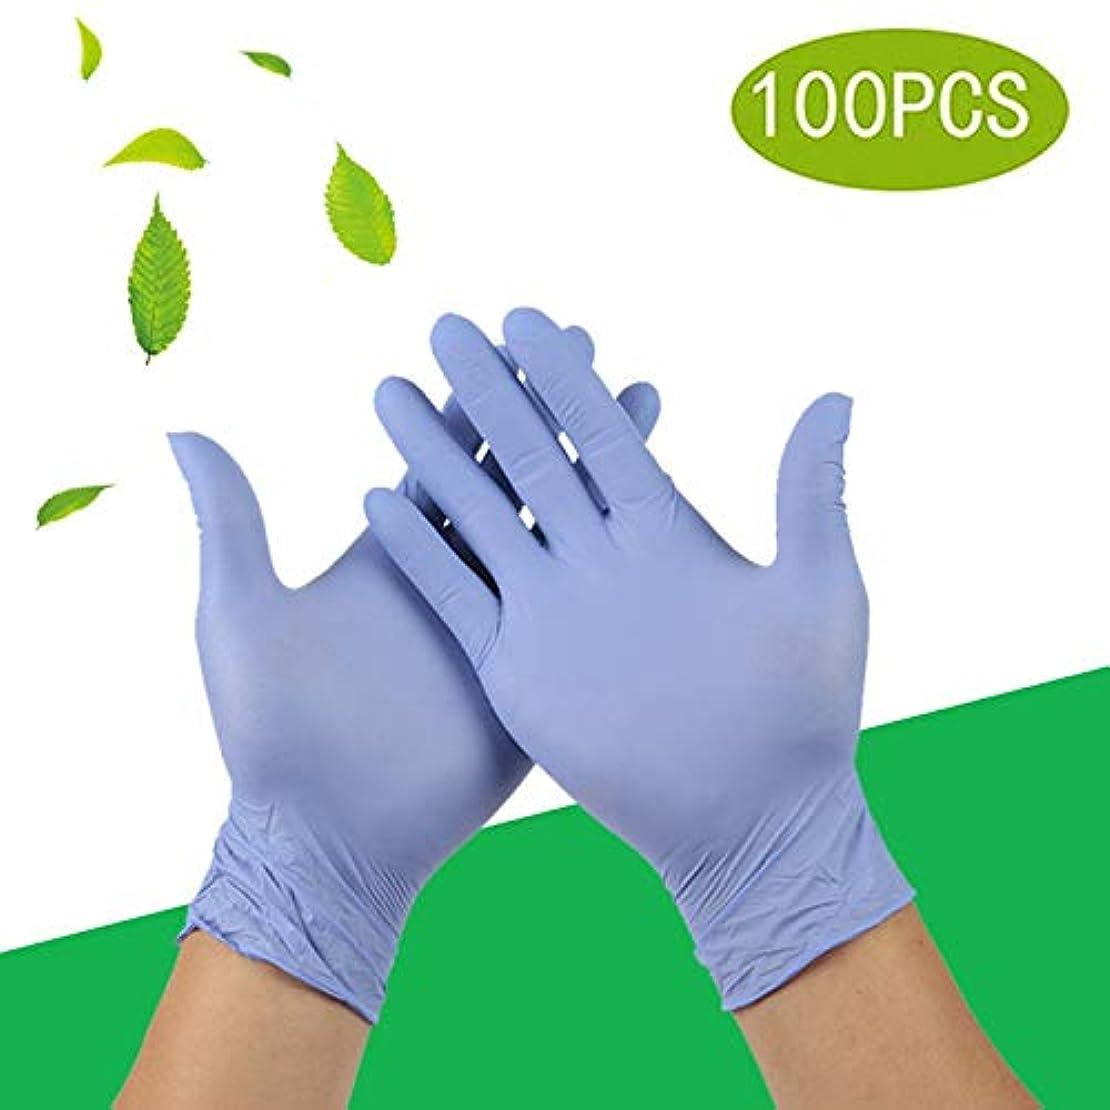 根拠程度吸収使い捨て手袋軽量9インチパウダーフリーラテックスフリーライト作業クリーニング園芸医療グレード入れ墨医療検査手袋100倍 (Color : Blue, Size : M)